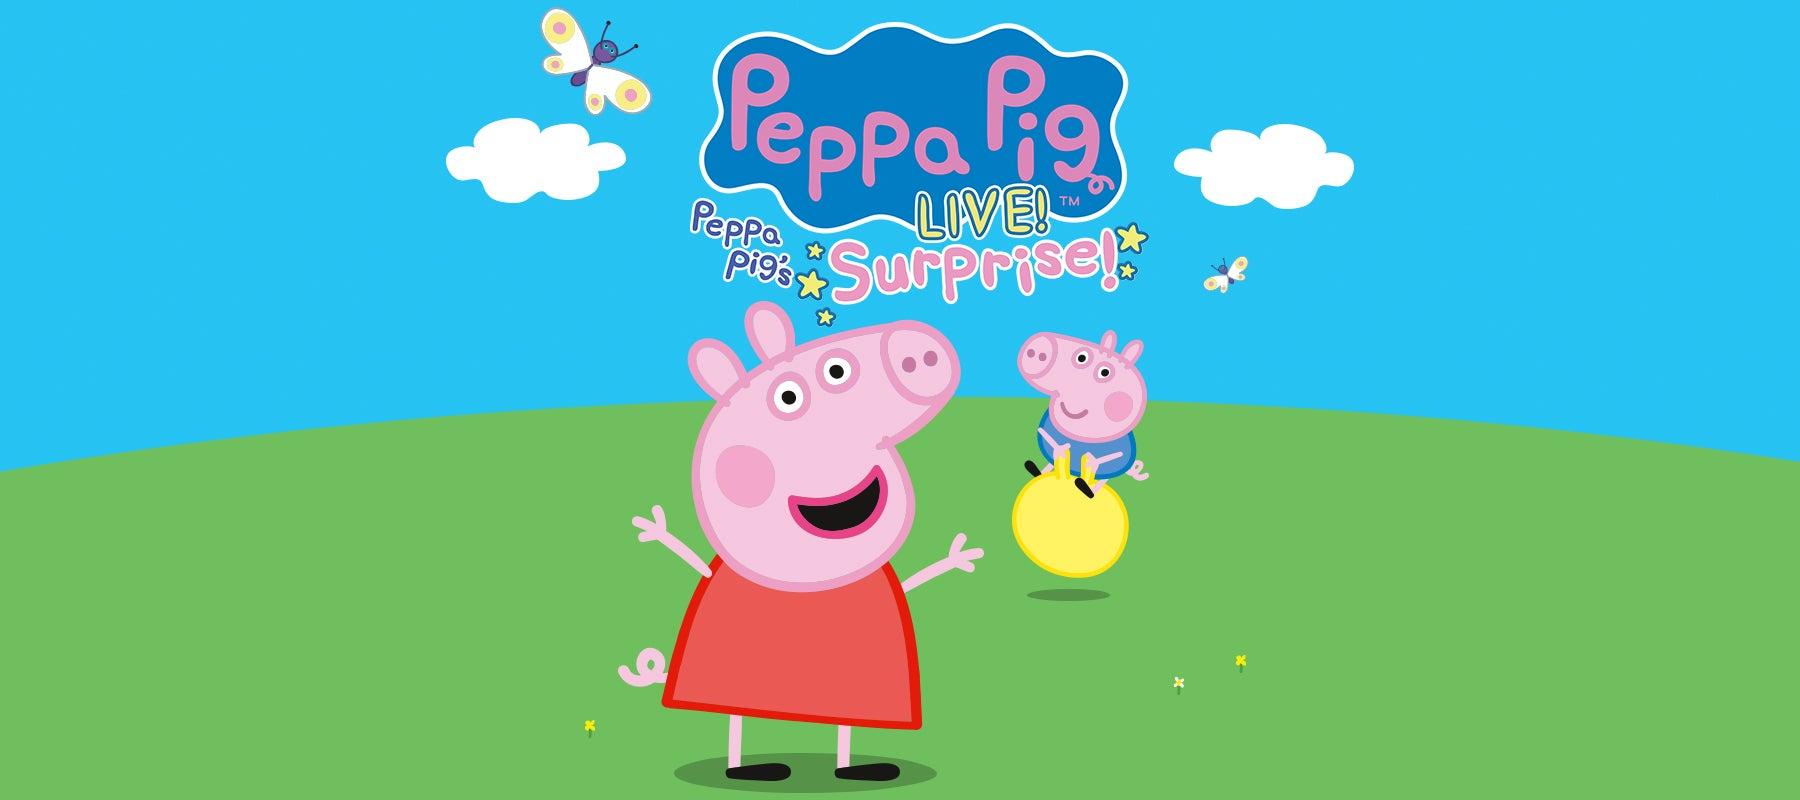 peppa pig altria web spot.jpg